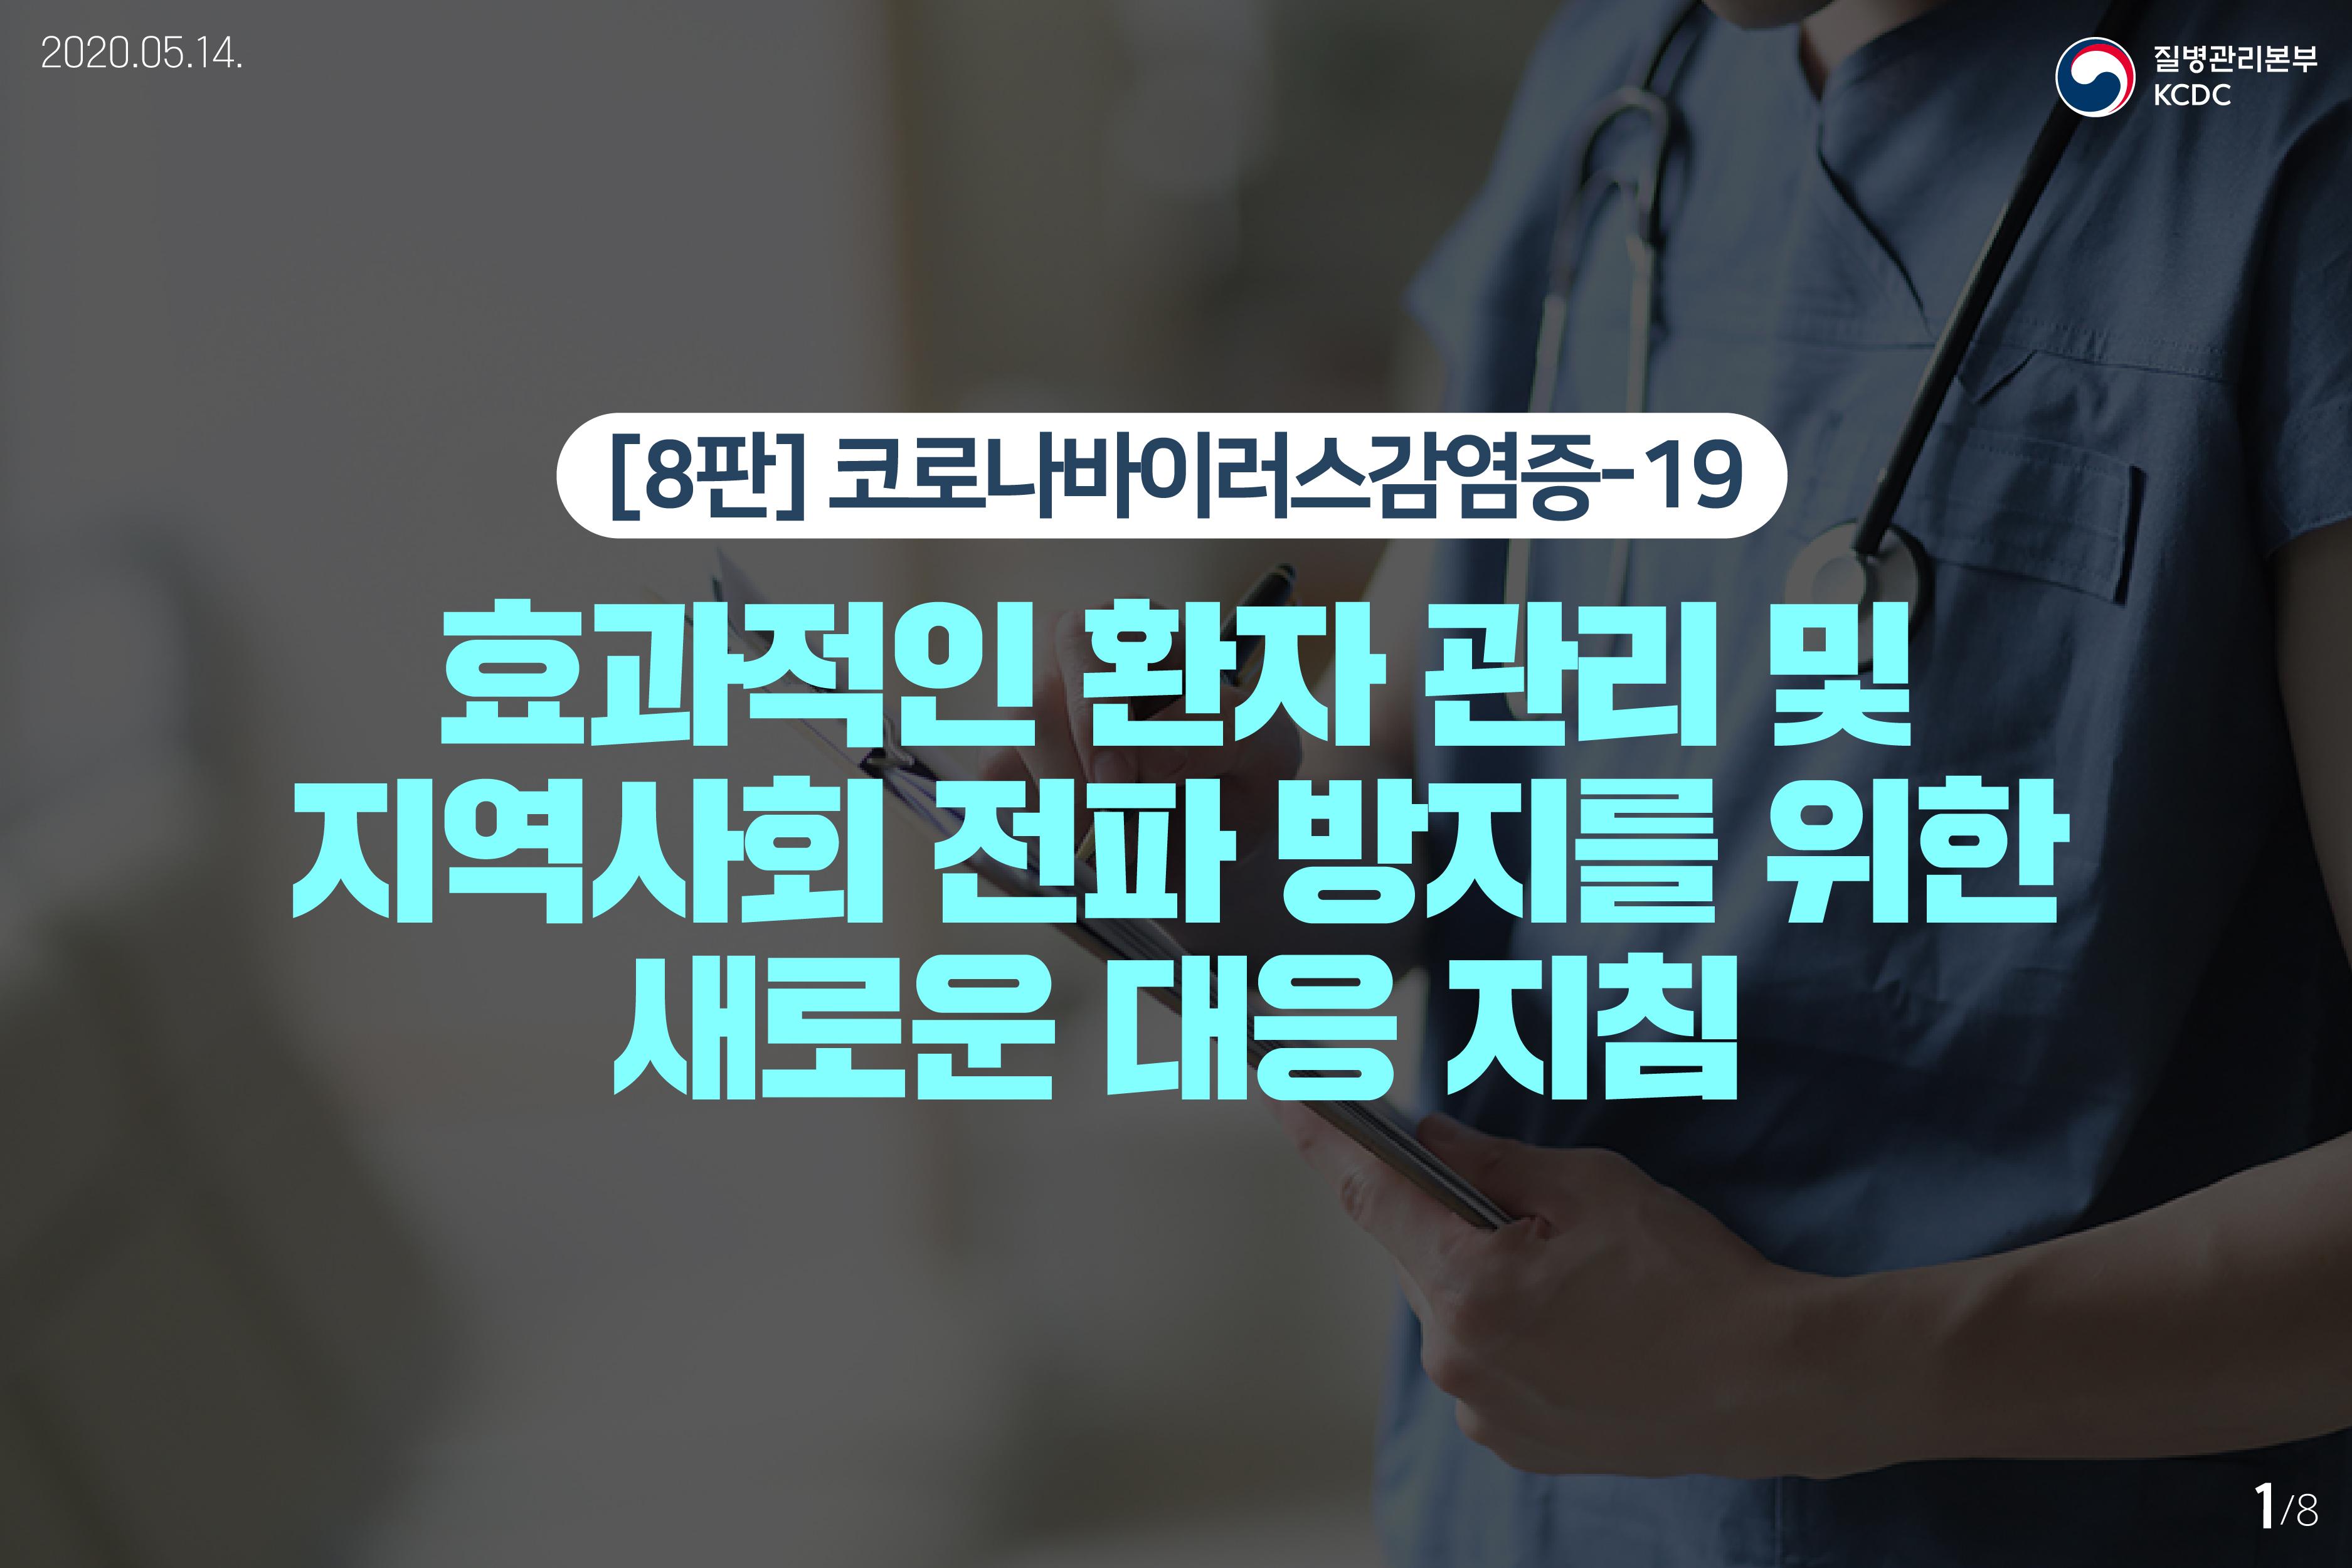 20200514_KCDC_사례정의8판_카드뉴스_1_1.jpg